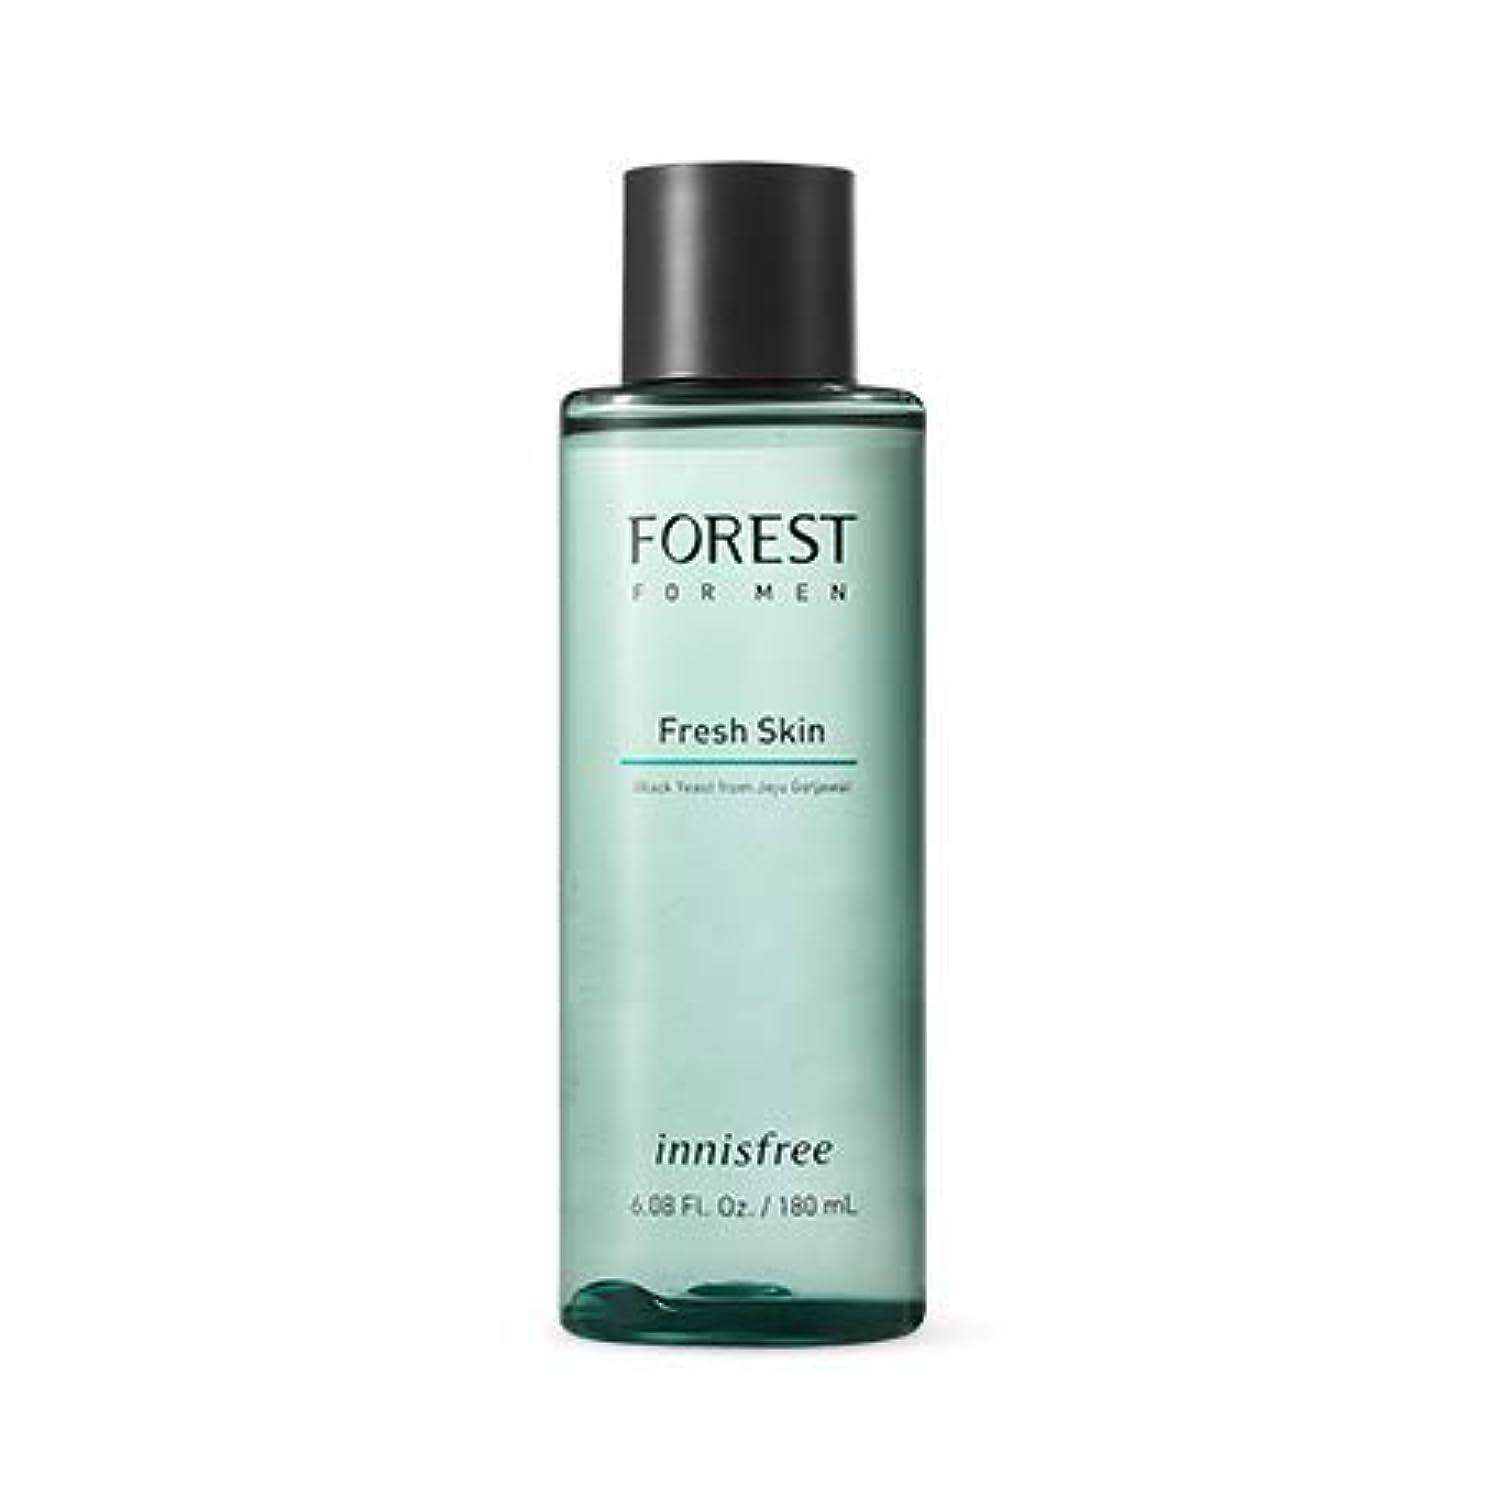 アレルギー信頼性シャーロックホームズ[イニスフリー]フォレストフォアマンフレッシュスキン180mL(2019.05 new)Forest for Men Fresh Skin